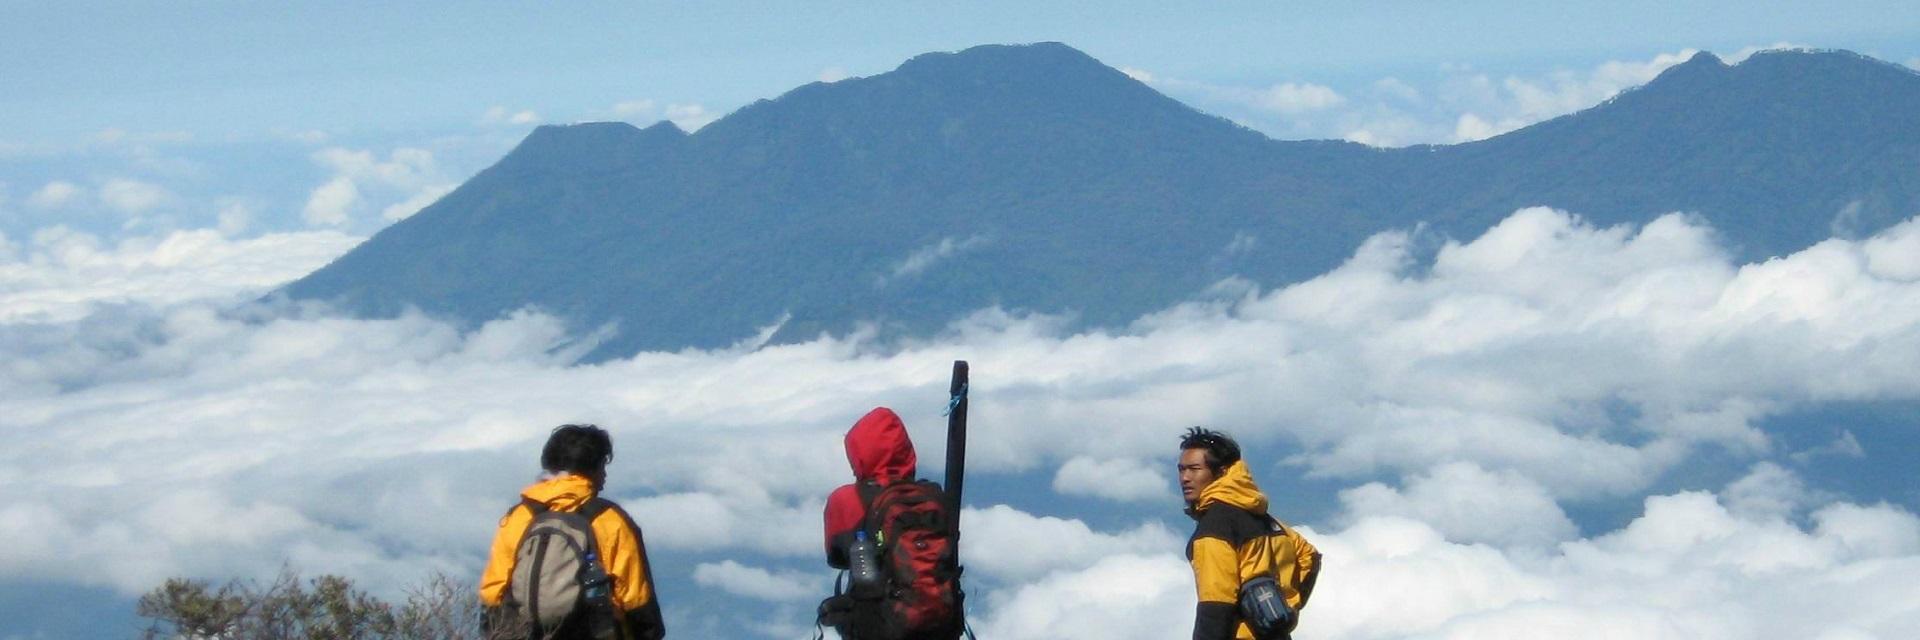 Gunung di Malang, Malang, Malang Raya, Dolan Dolen, Dolaners Gunung di Malang via kanaguadventure - Dolan Dolen